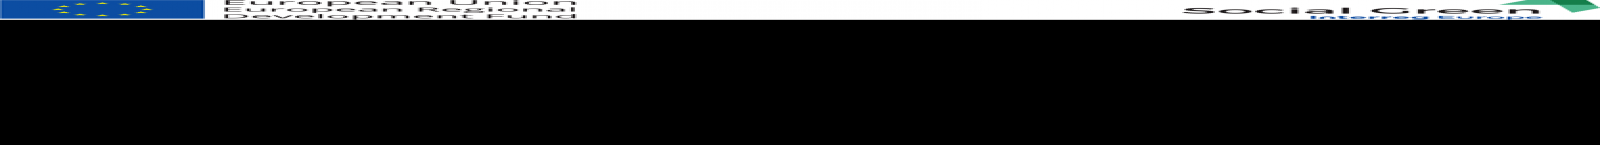 logo-socialgreen-835x76.png